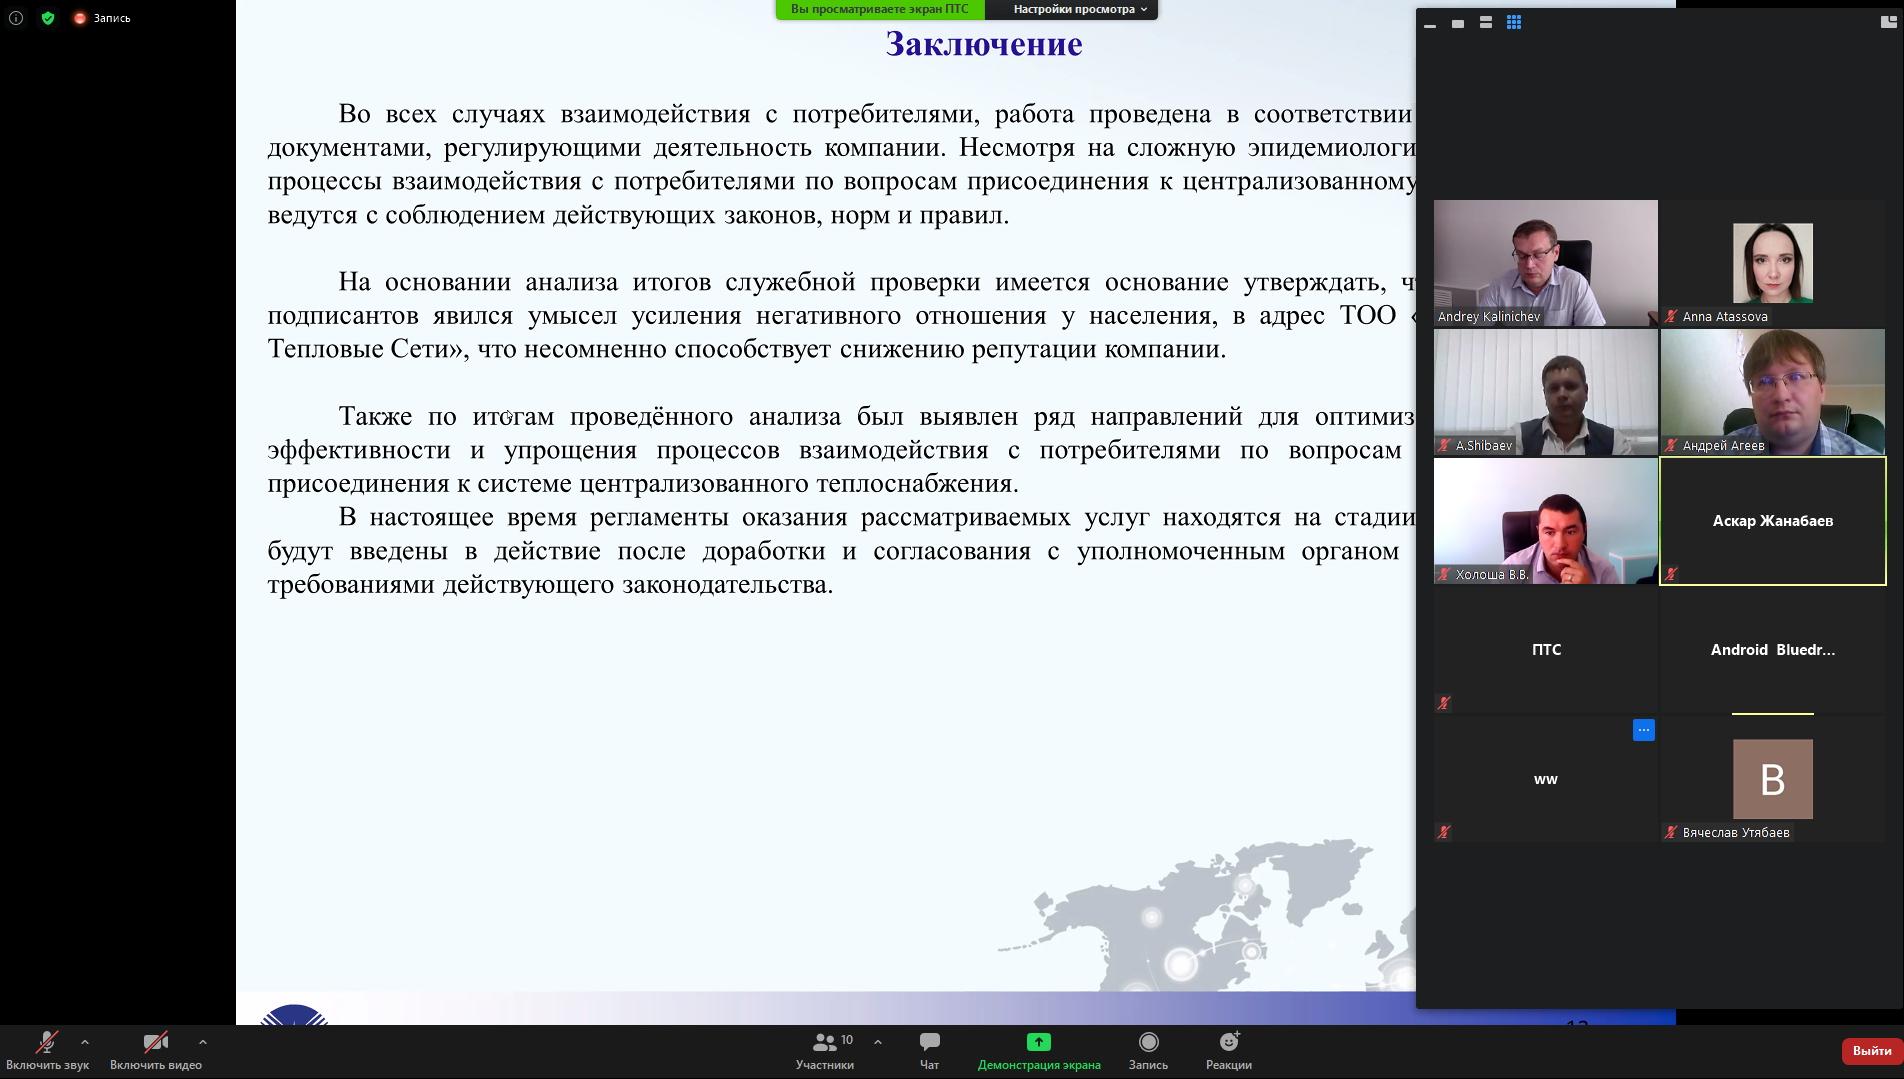 Акимат Петропавловска решил не участвовать в конфликте между монополистами и потребителями